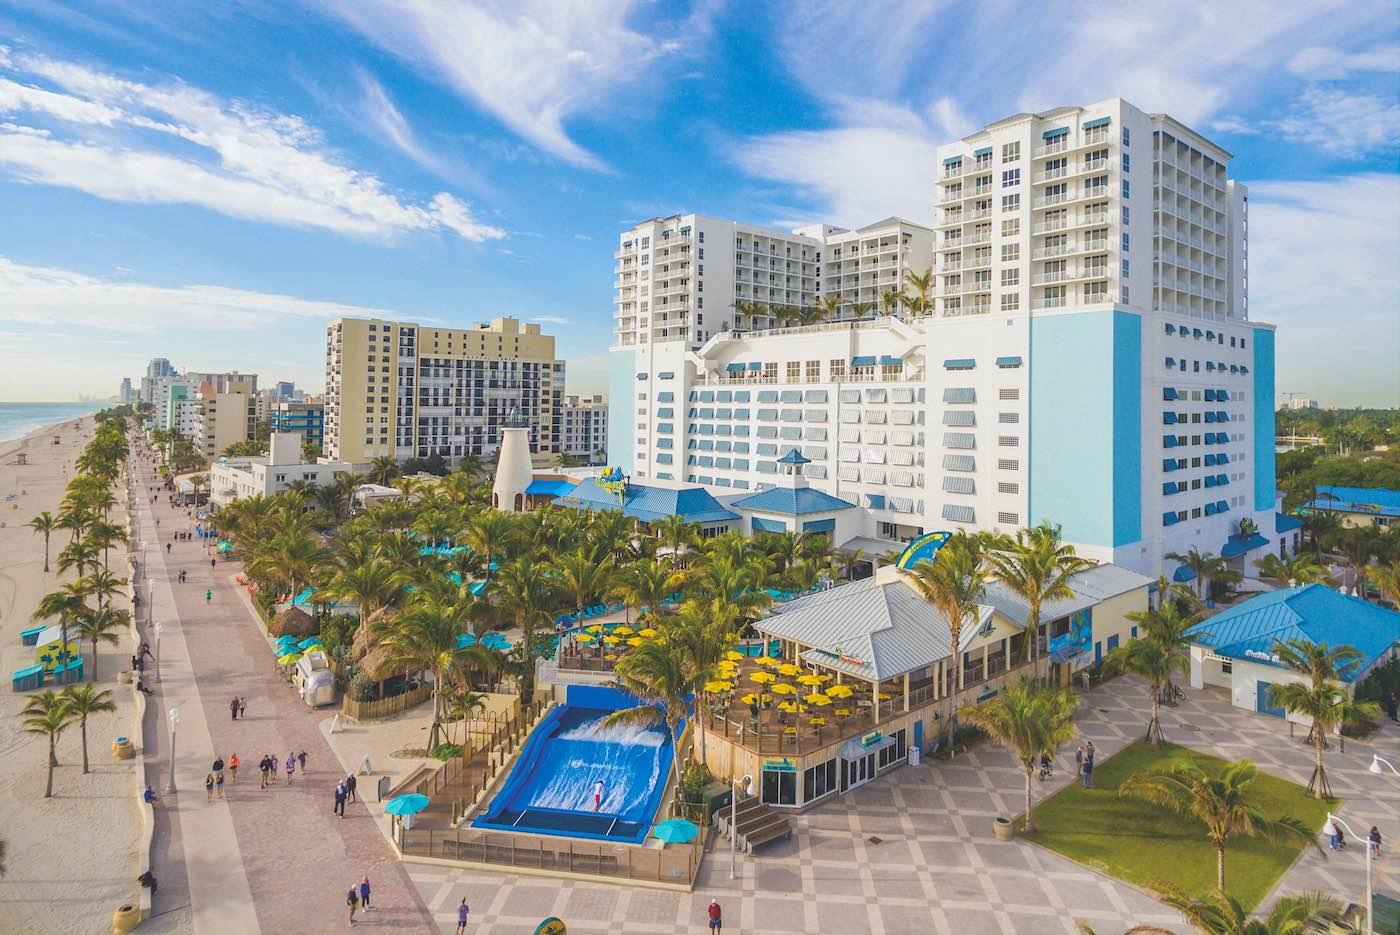 Margaritaville Hollywood Beach Resort ofrece la excusa perfecta para escapar el frío